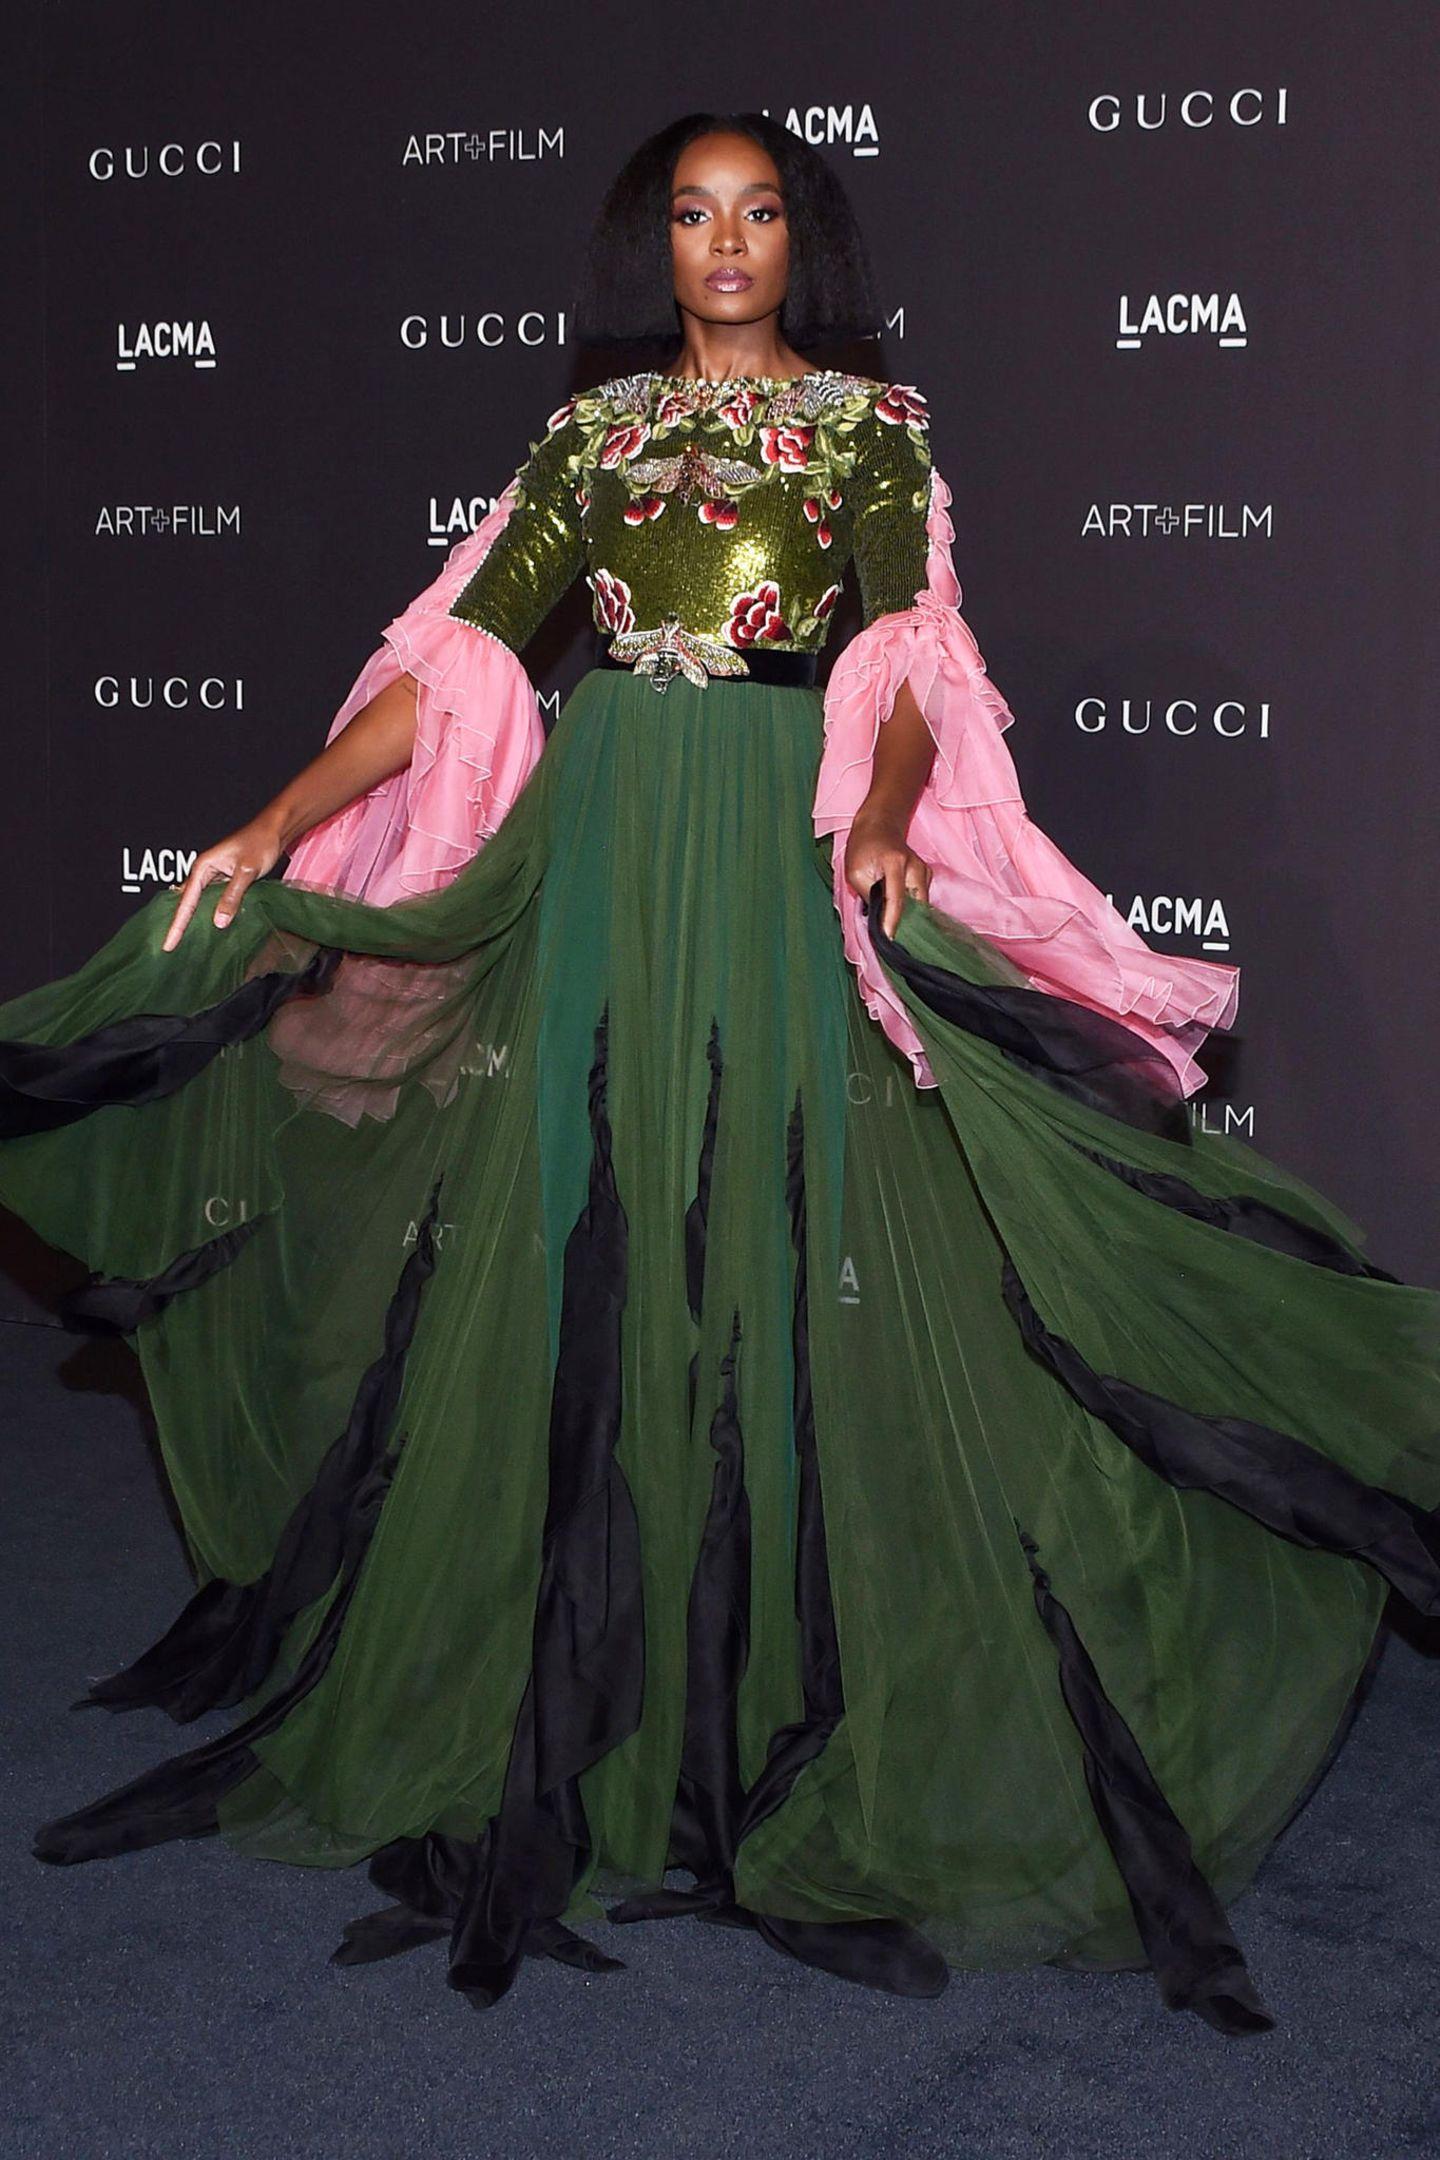 Schauspielerin Kiki Layne sorgt im ausladenden Gucci-Kleid für Aufsehen.